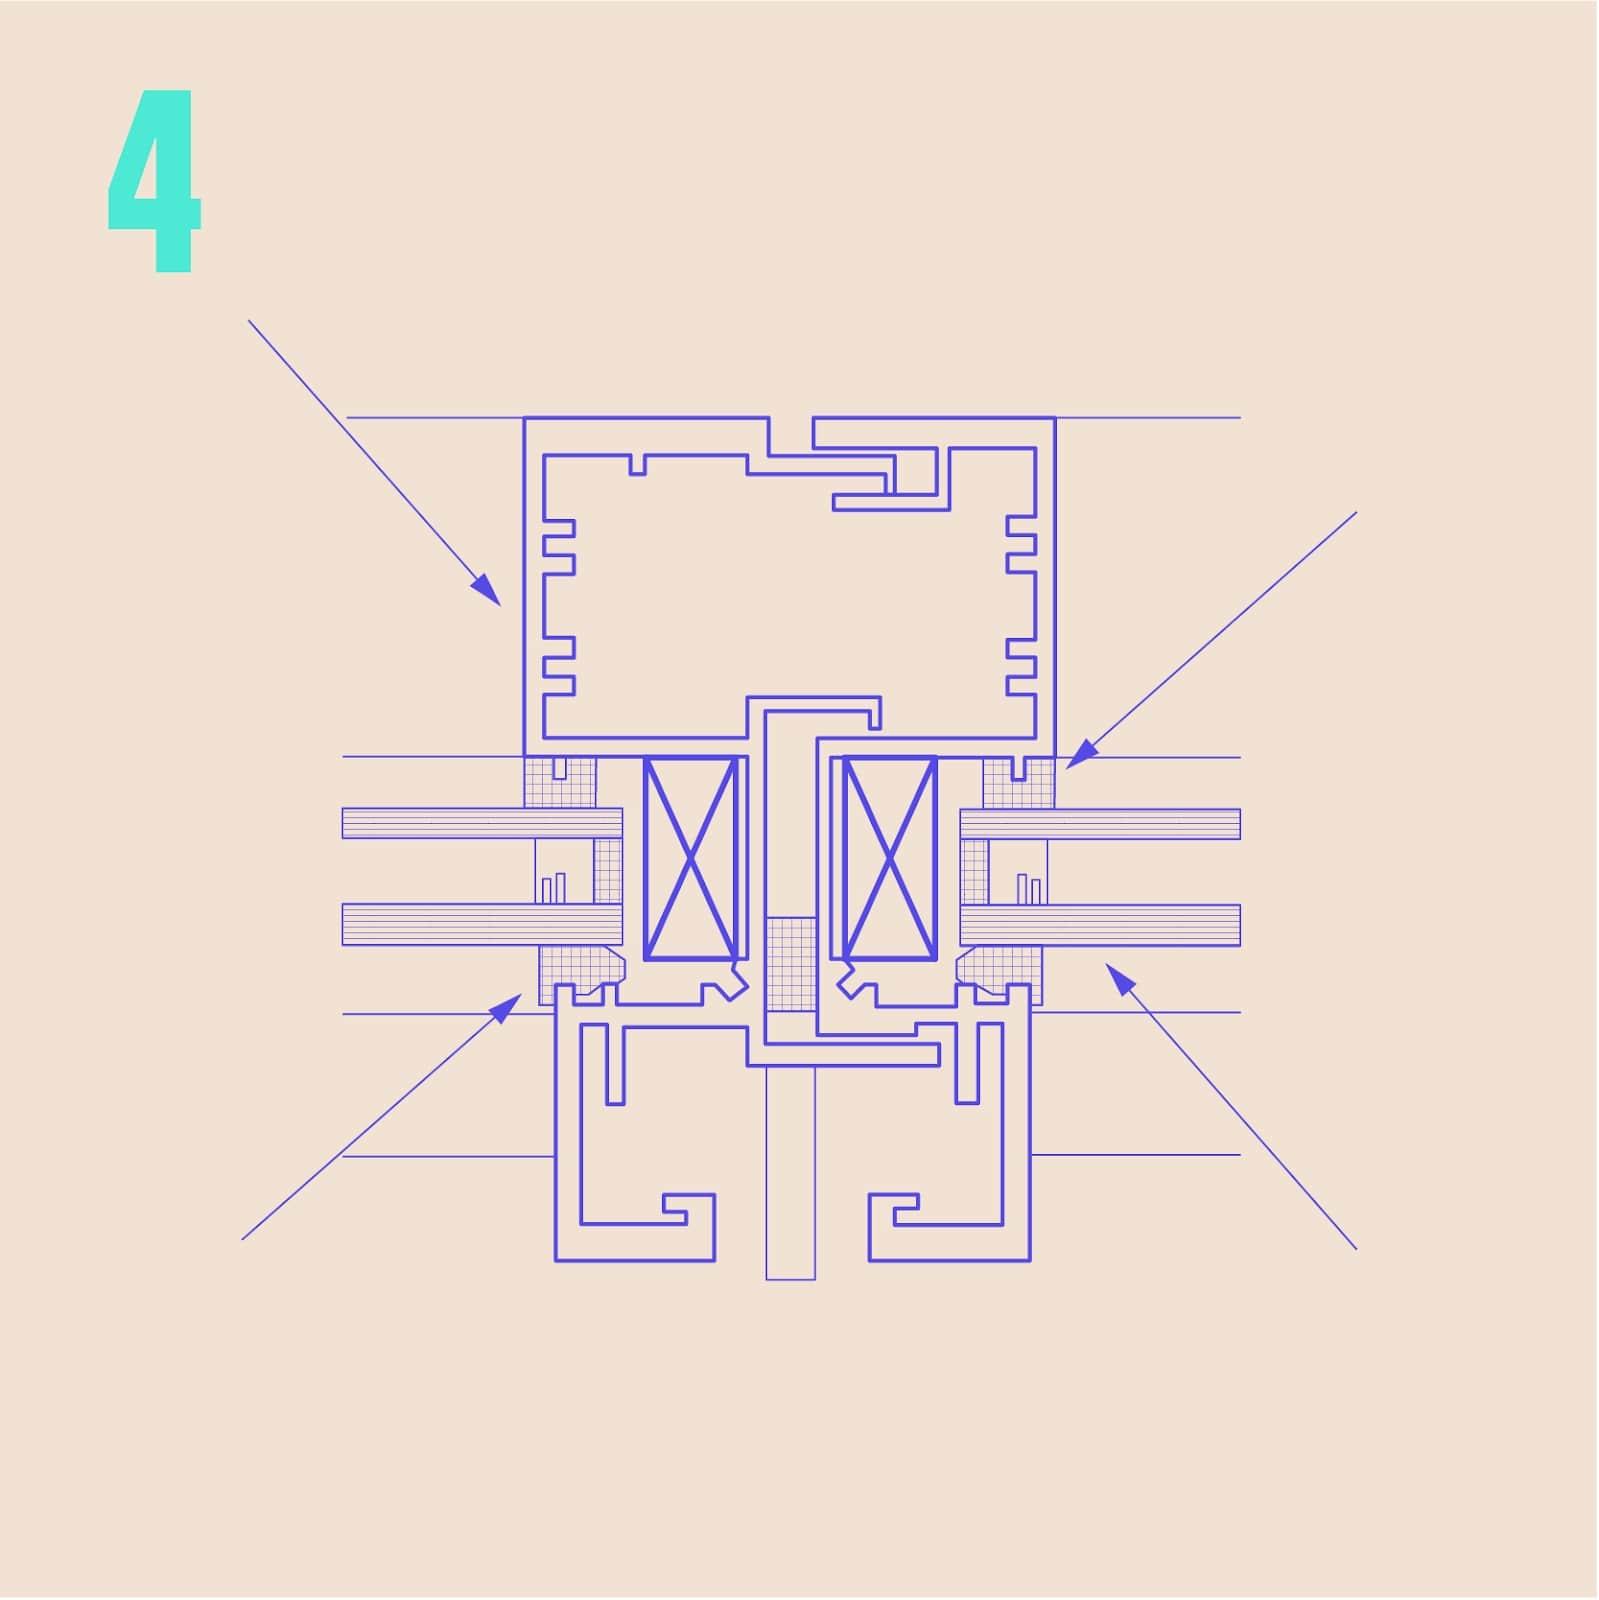 راهنمای مراحل طراحی معماری